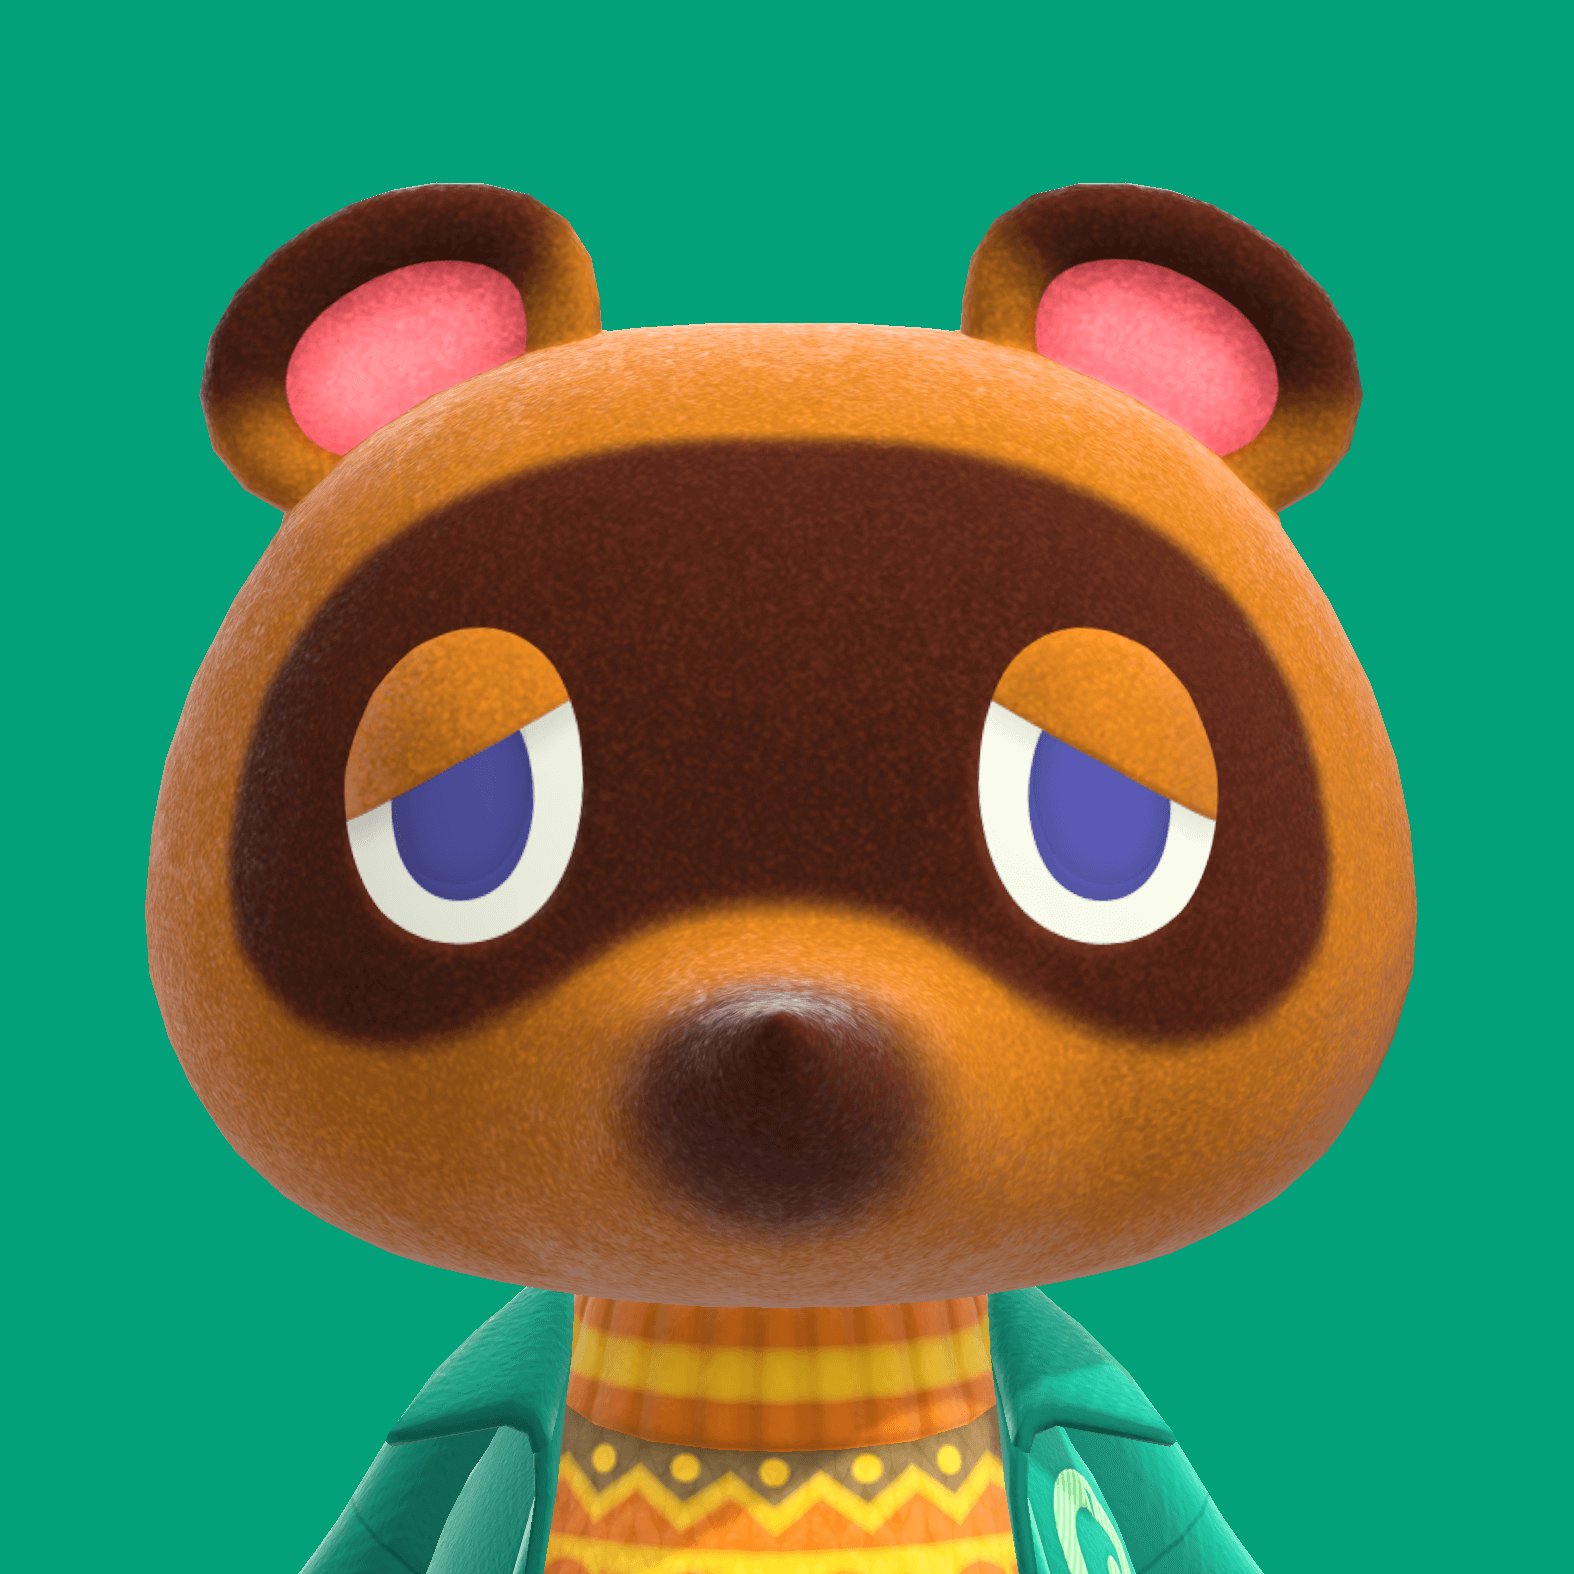 Neiimii avatar